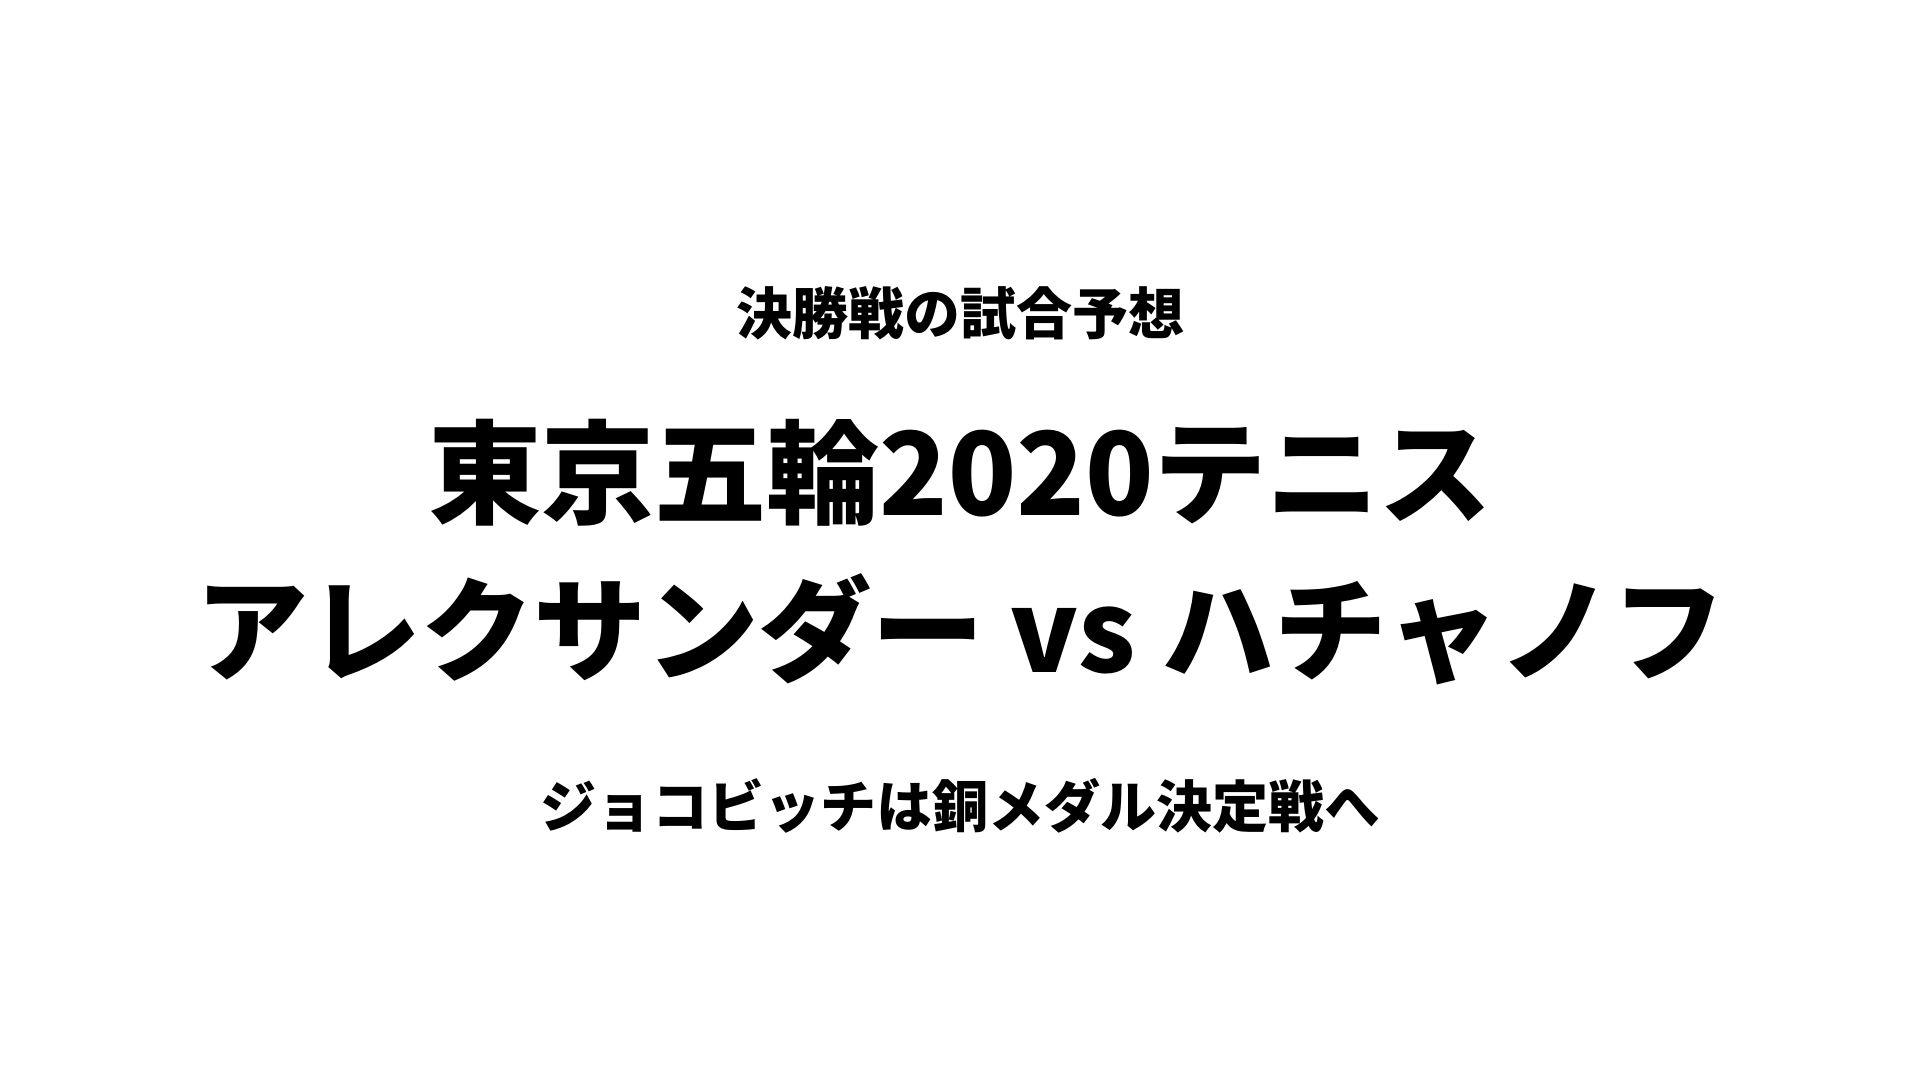 東京五輪2020決勝戦ブックメーカー予想オッズ